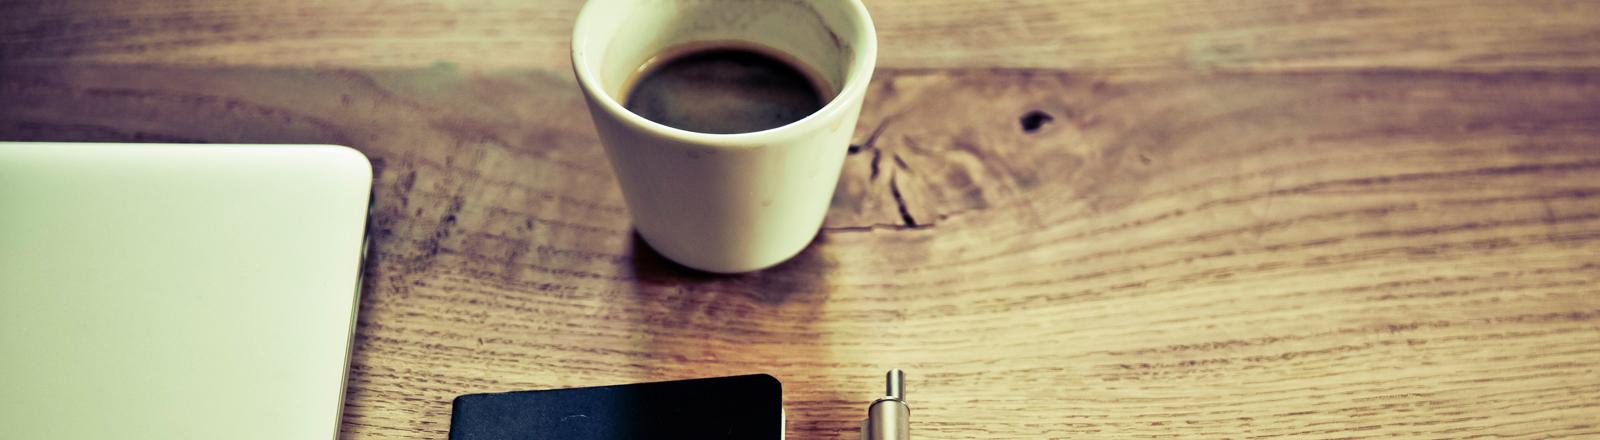 Laptop, Kaffetasse, Stift und Heft auf einem Holztisch